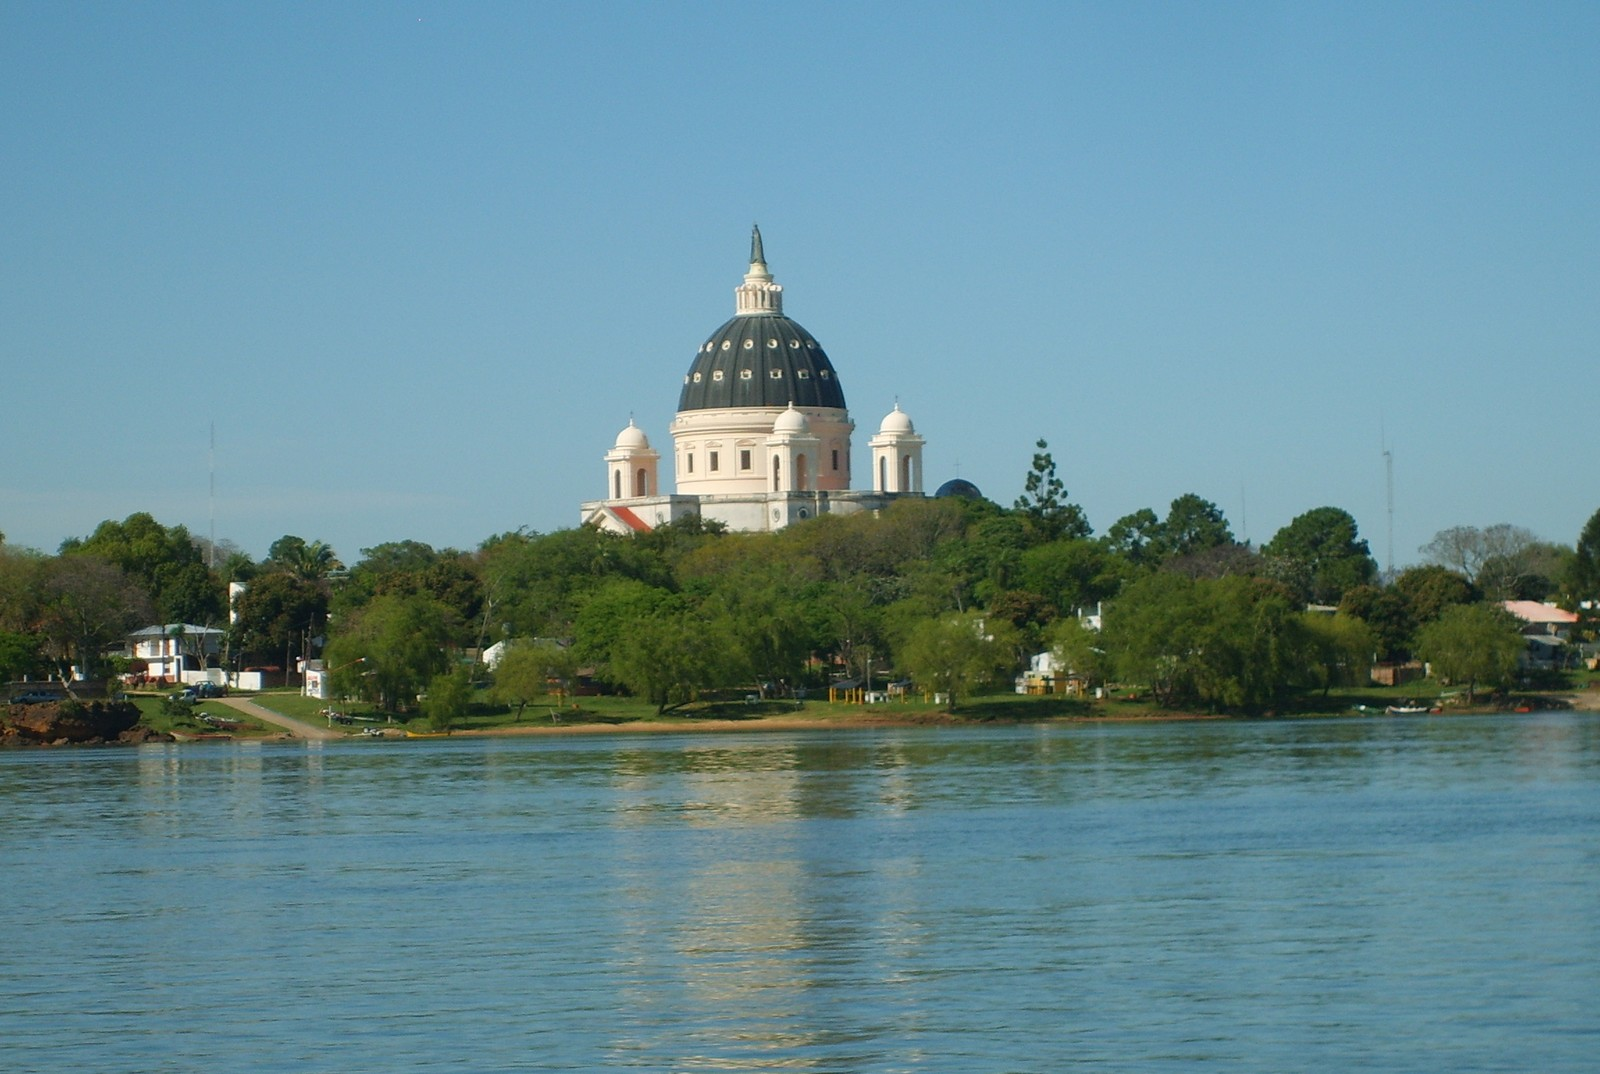 Nuestra Señora de Itatí de Corrientes, Transfiguró Milagrosamente el Rostro, Argentina (9 jul)